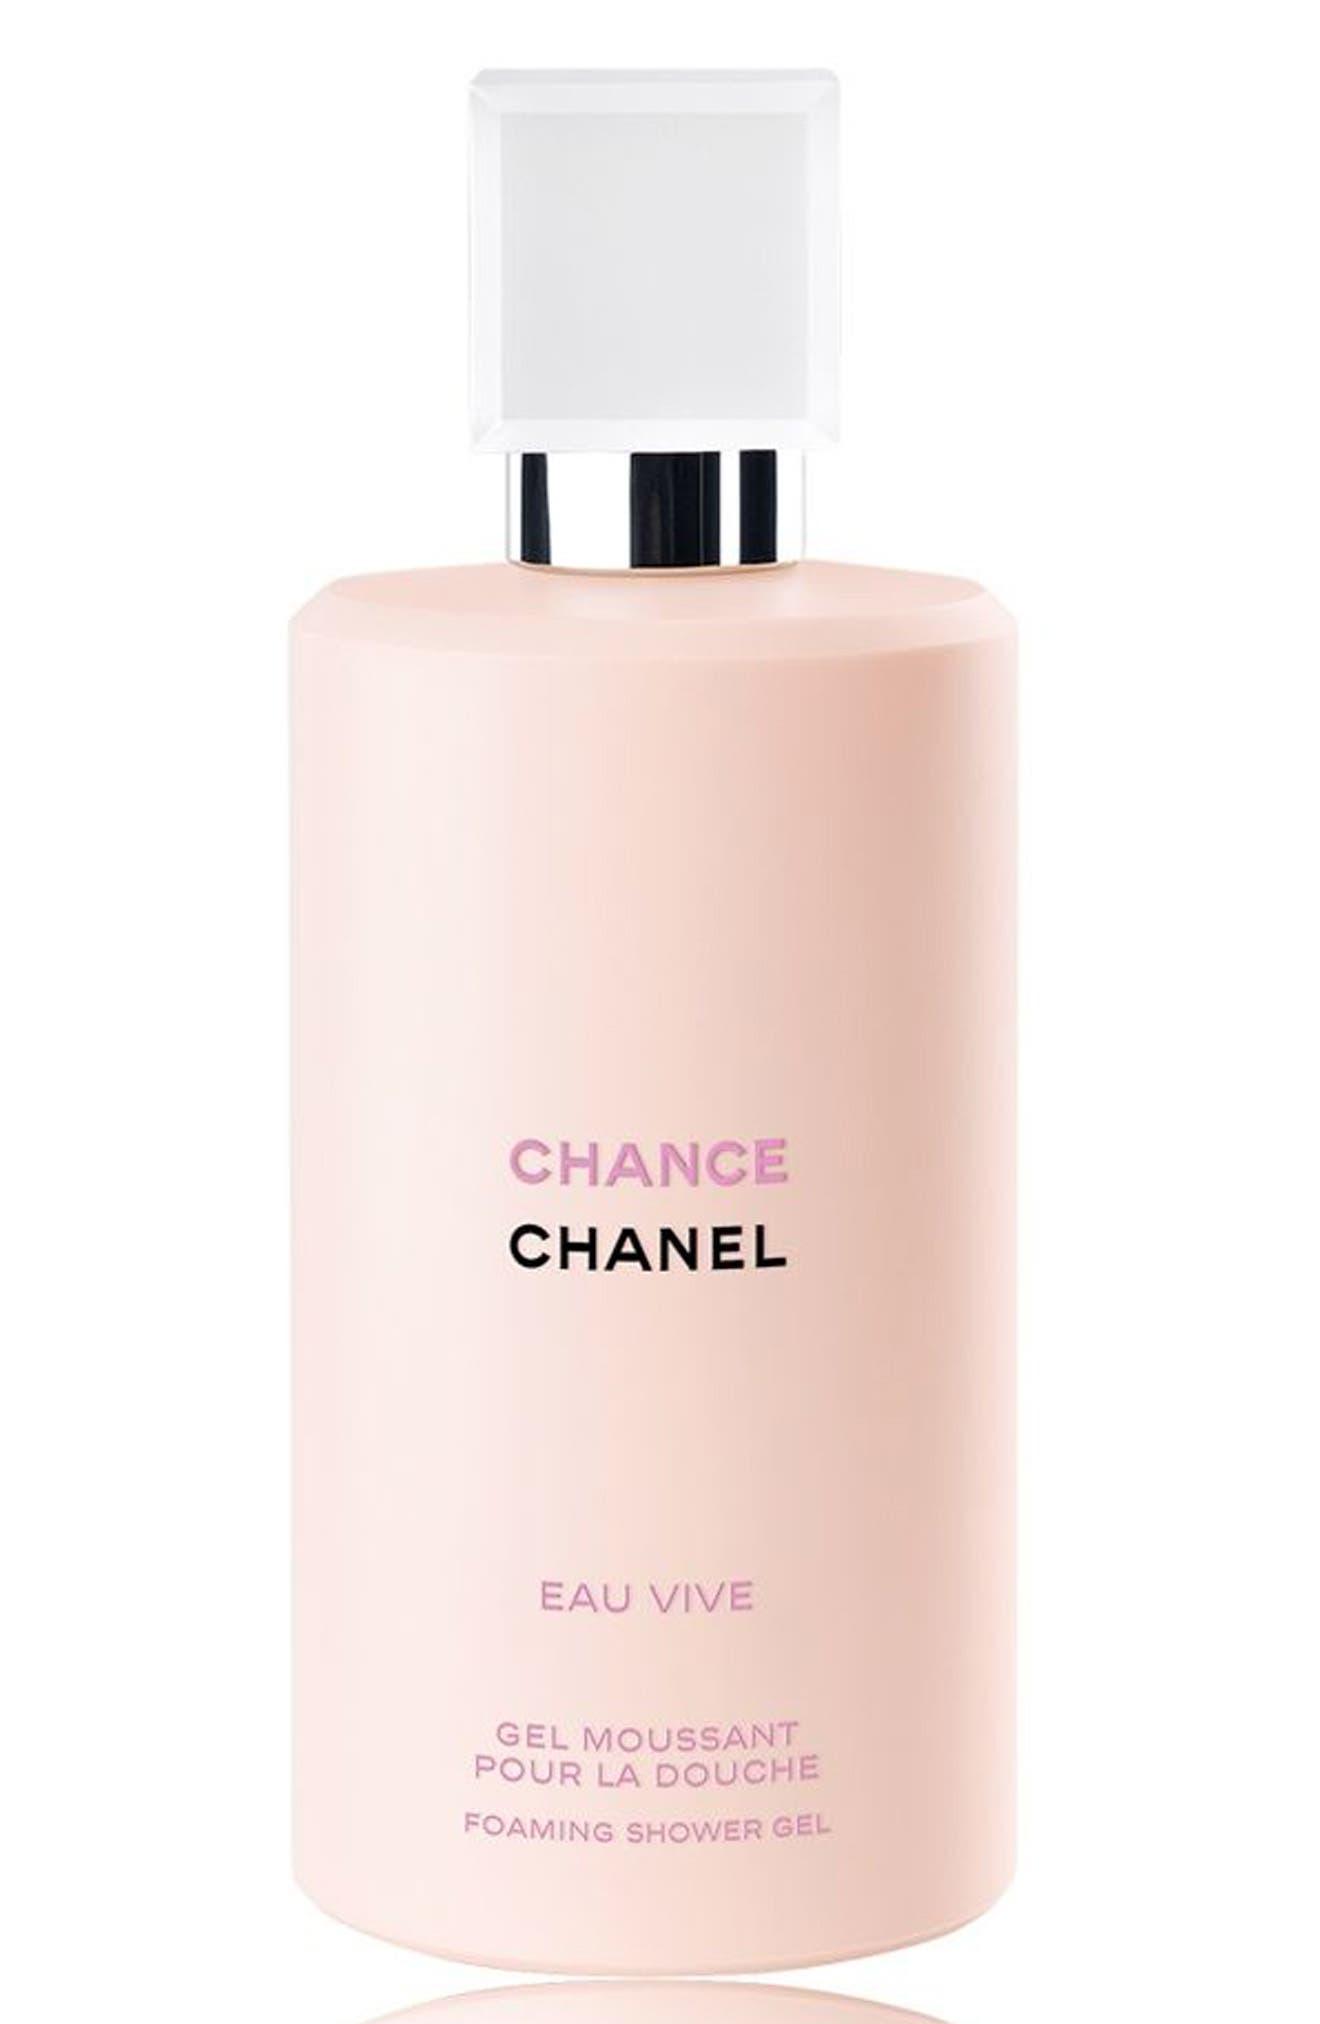 CHANEL CHANCE EAU VIVE Foaming Shower Gel